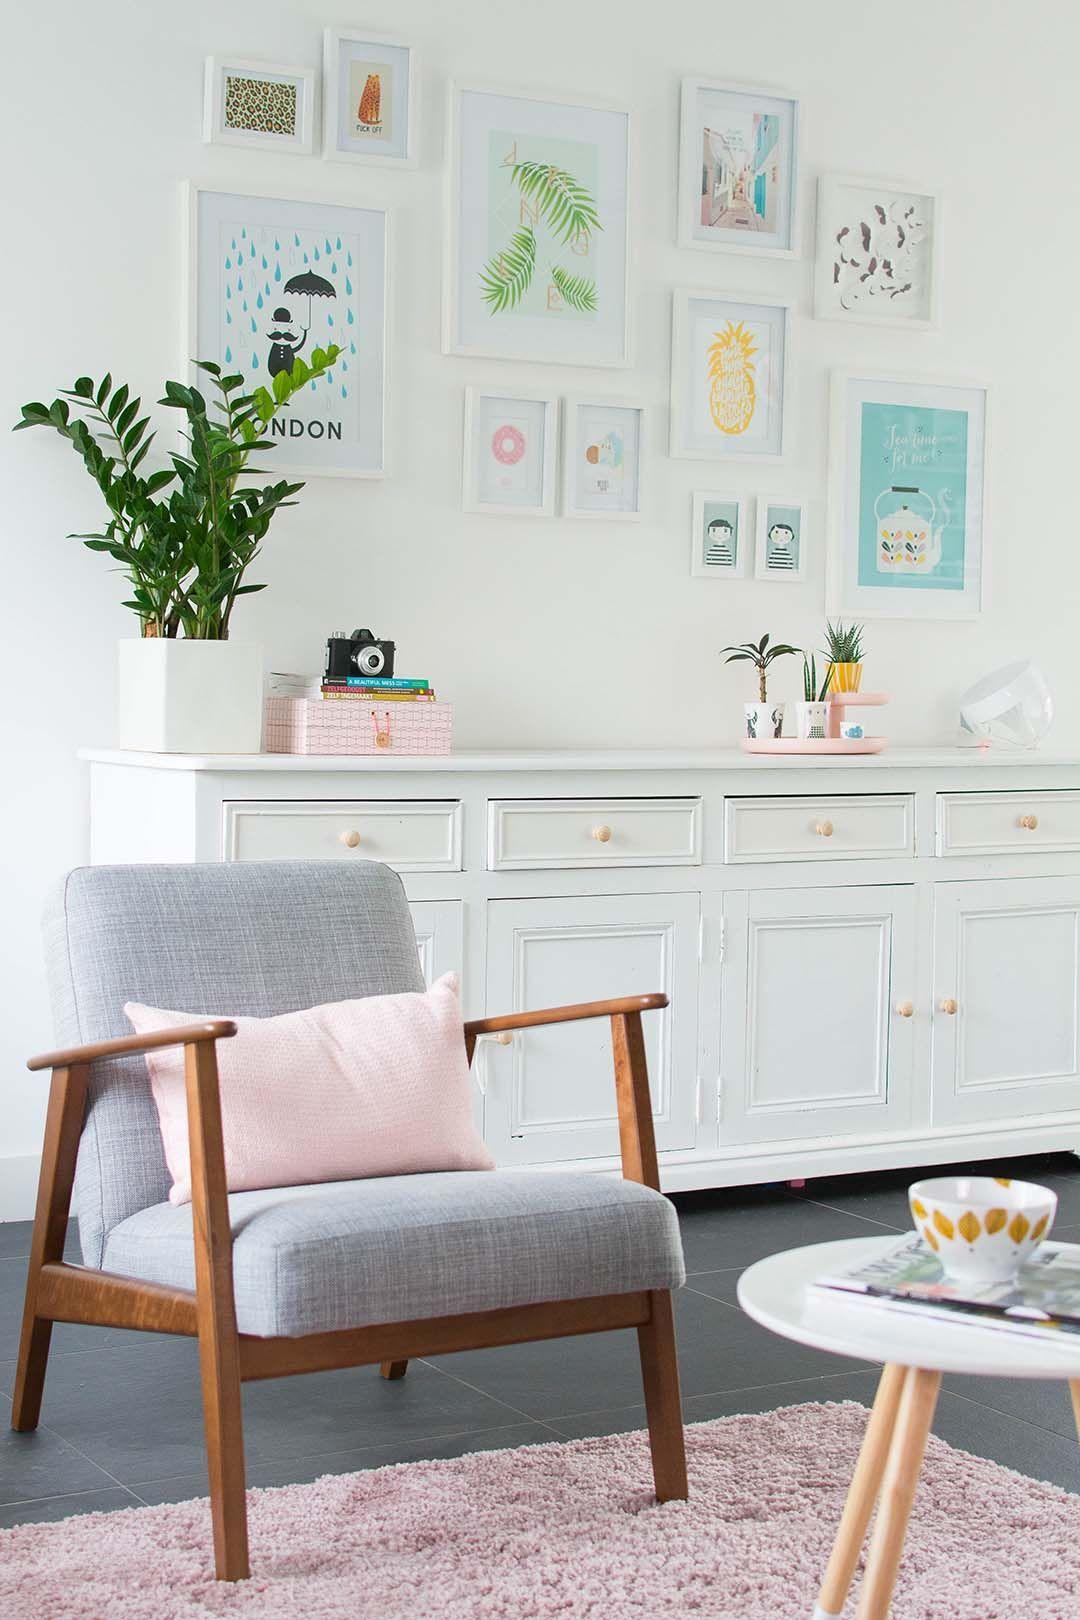 My livingroom EKENÄSET IKEA chair Bringinghappiness.nl